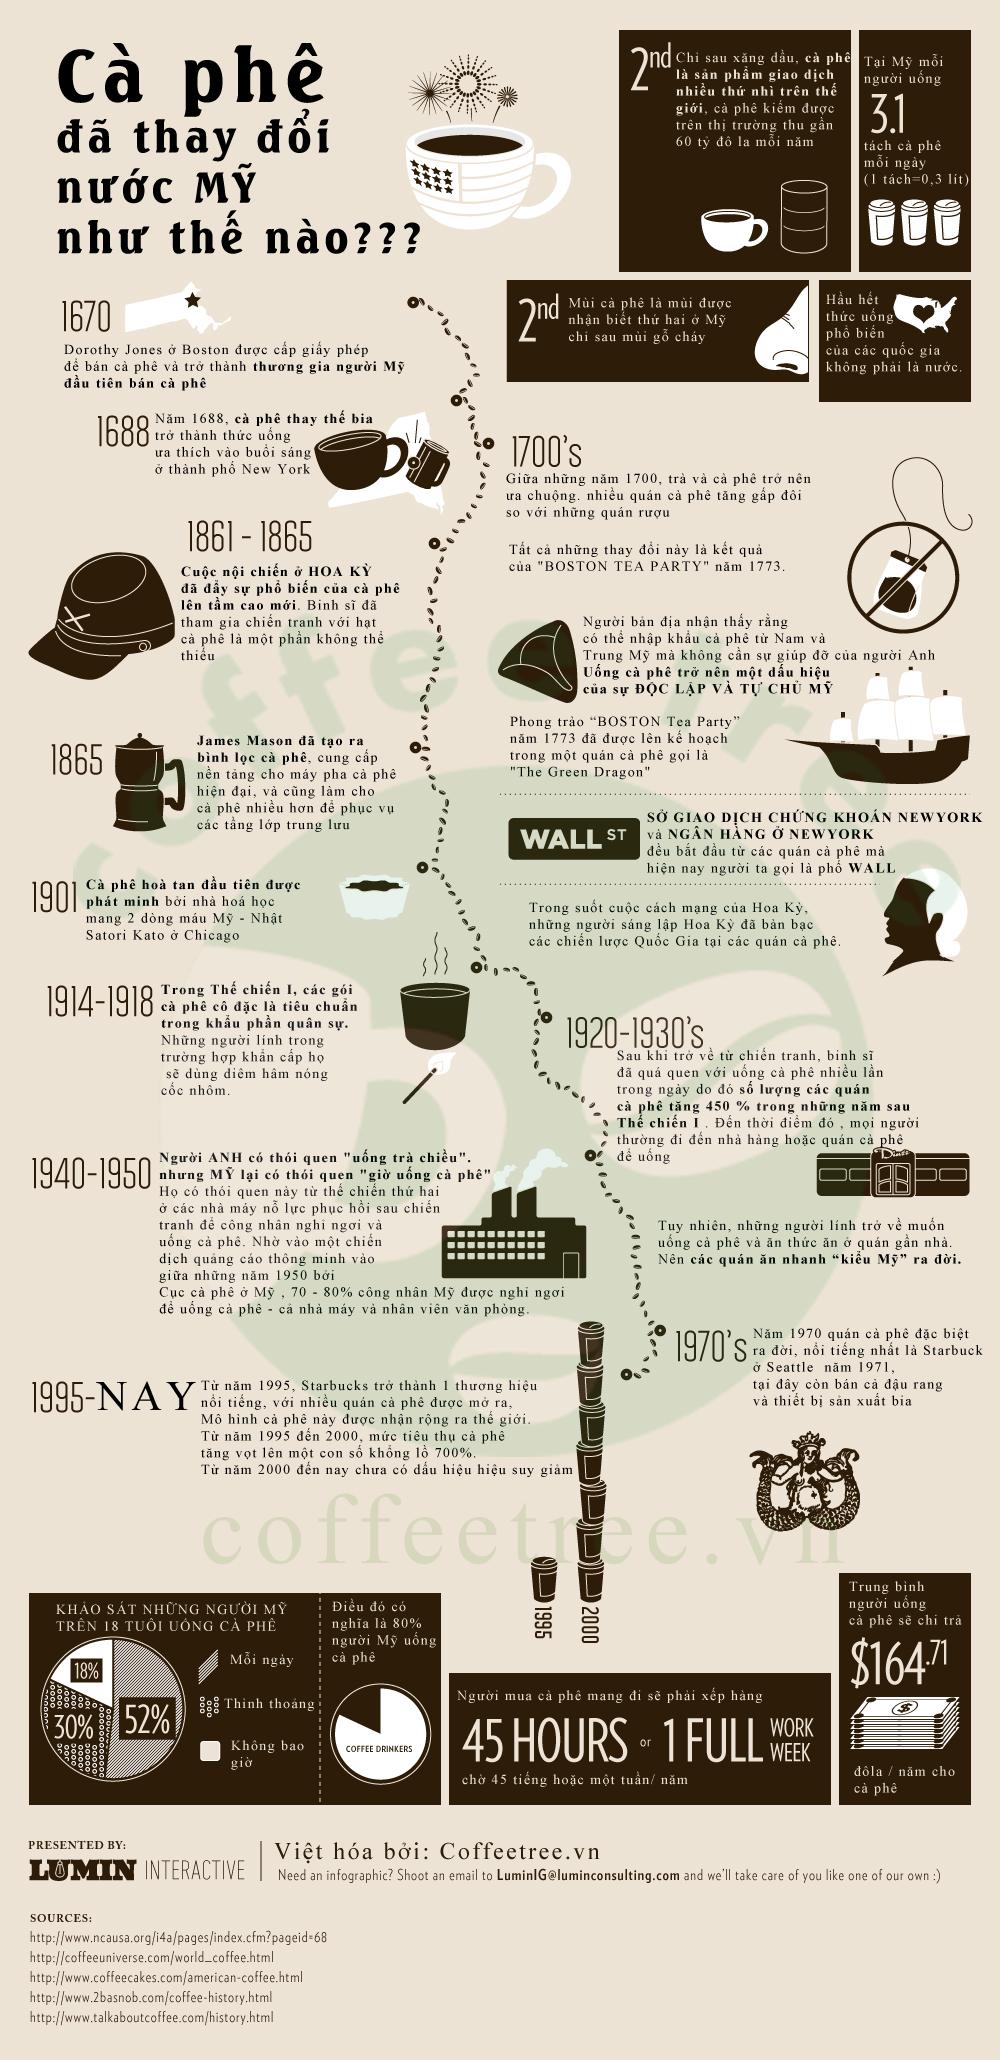 Cà phê thay đổi nước Mỹ như thế nào?